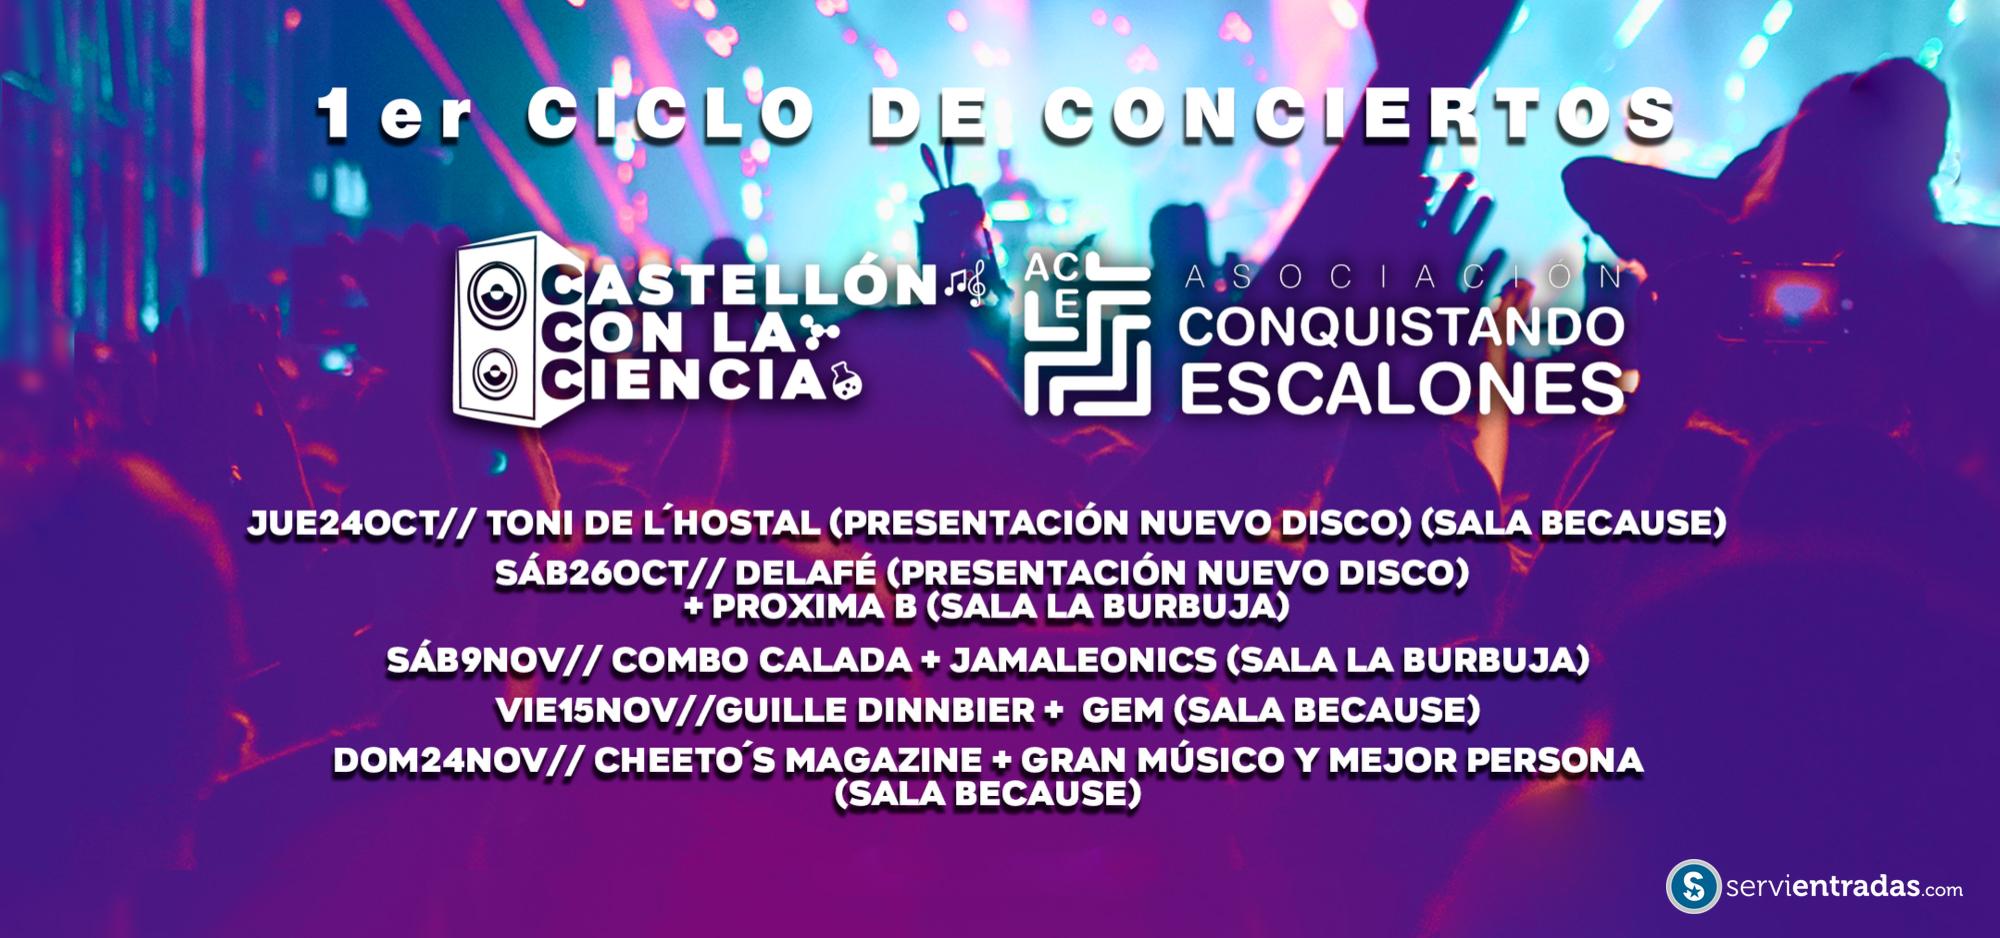 CONCIERTOS CASTELLÓN CON LA CIENCIA - C. ESCALONES